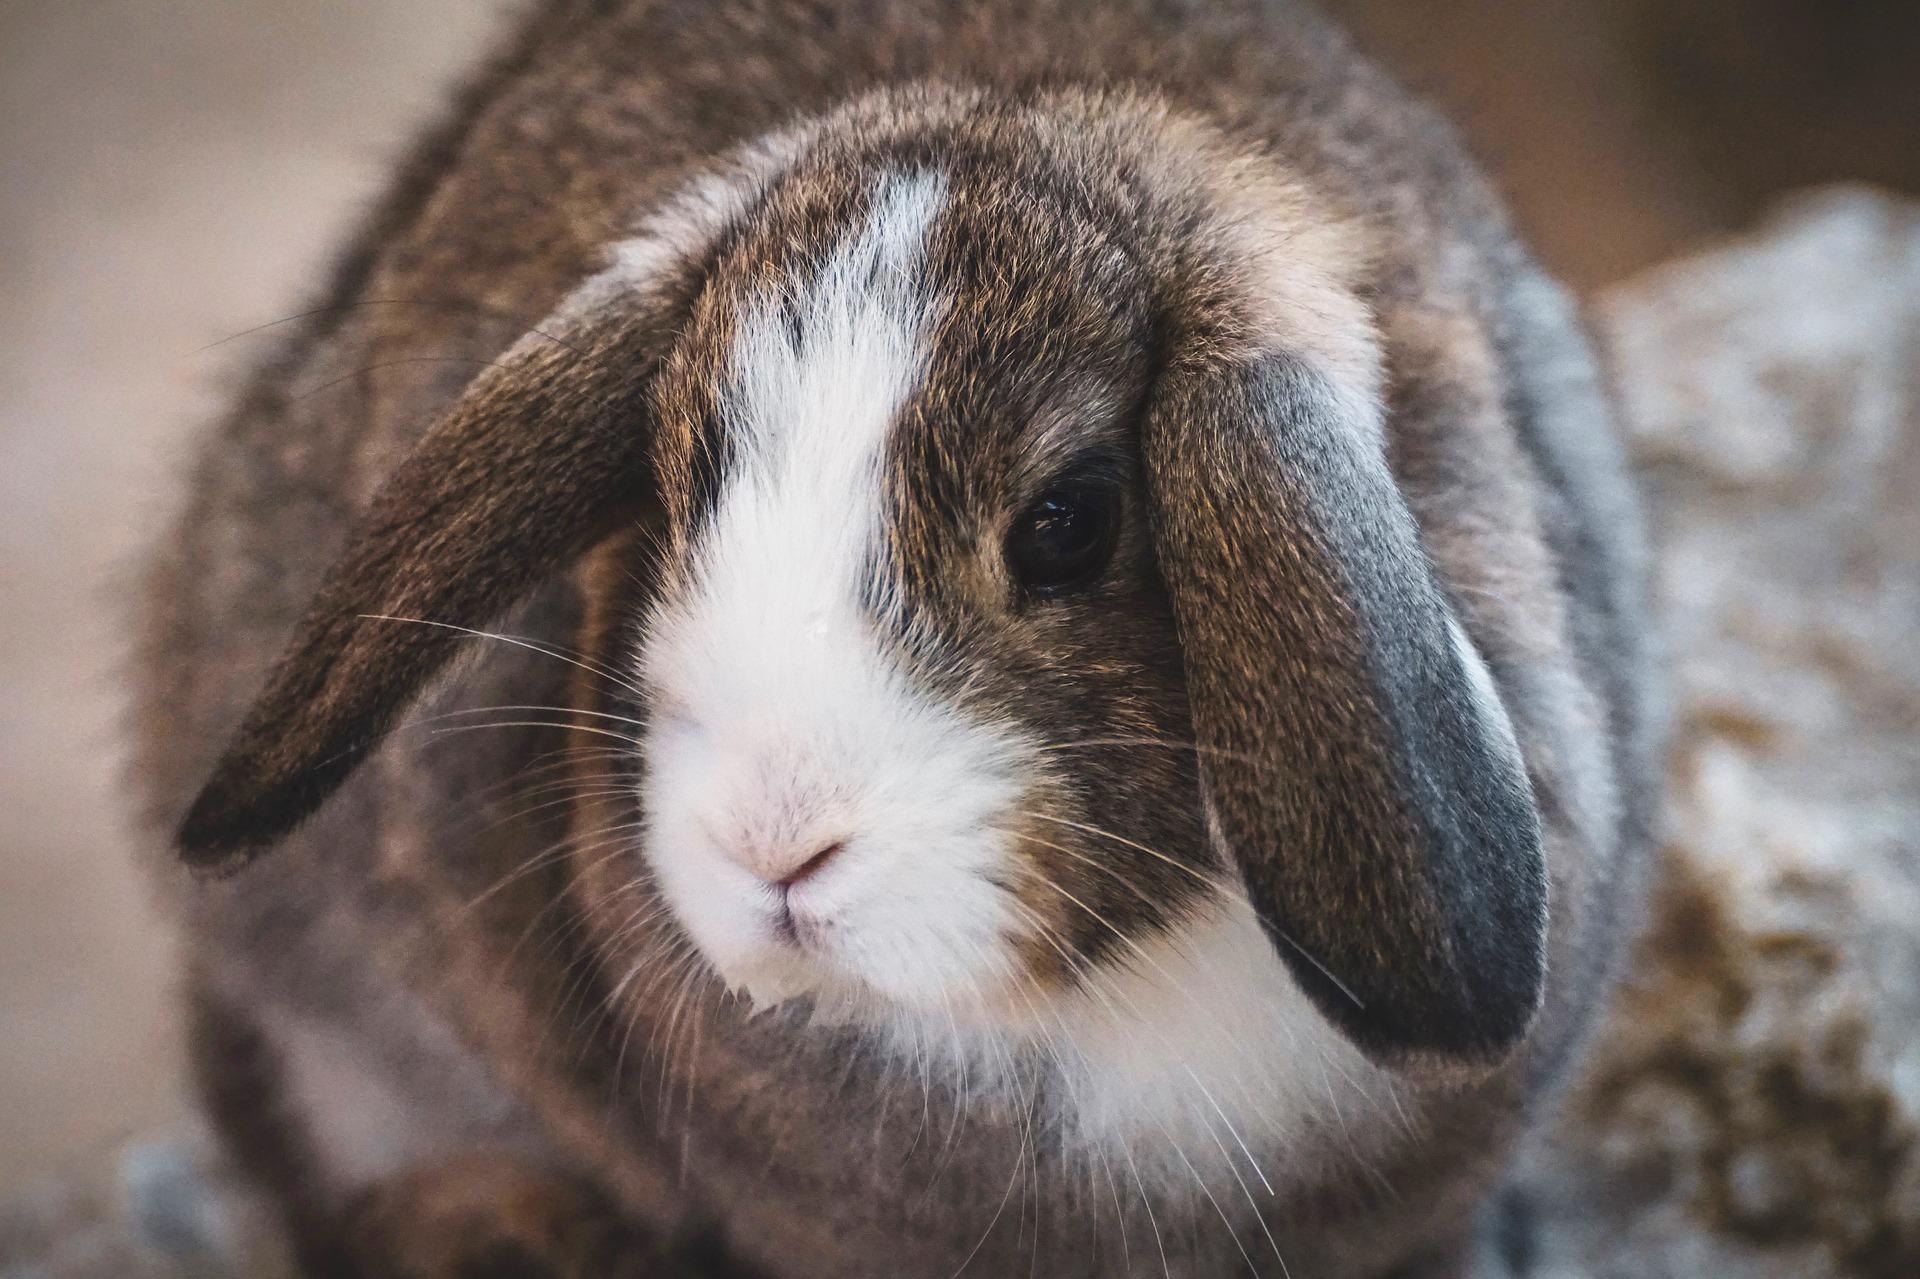 Chú thỏ nâu lông vằn đáng yêu